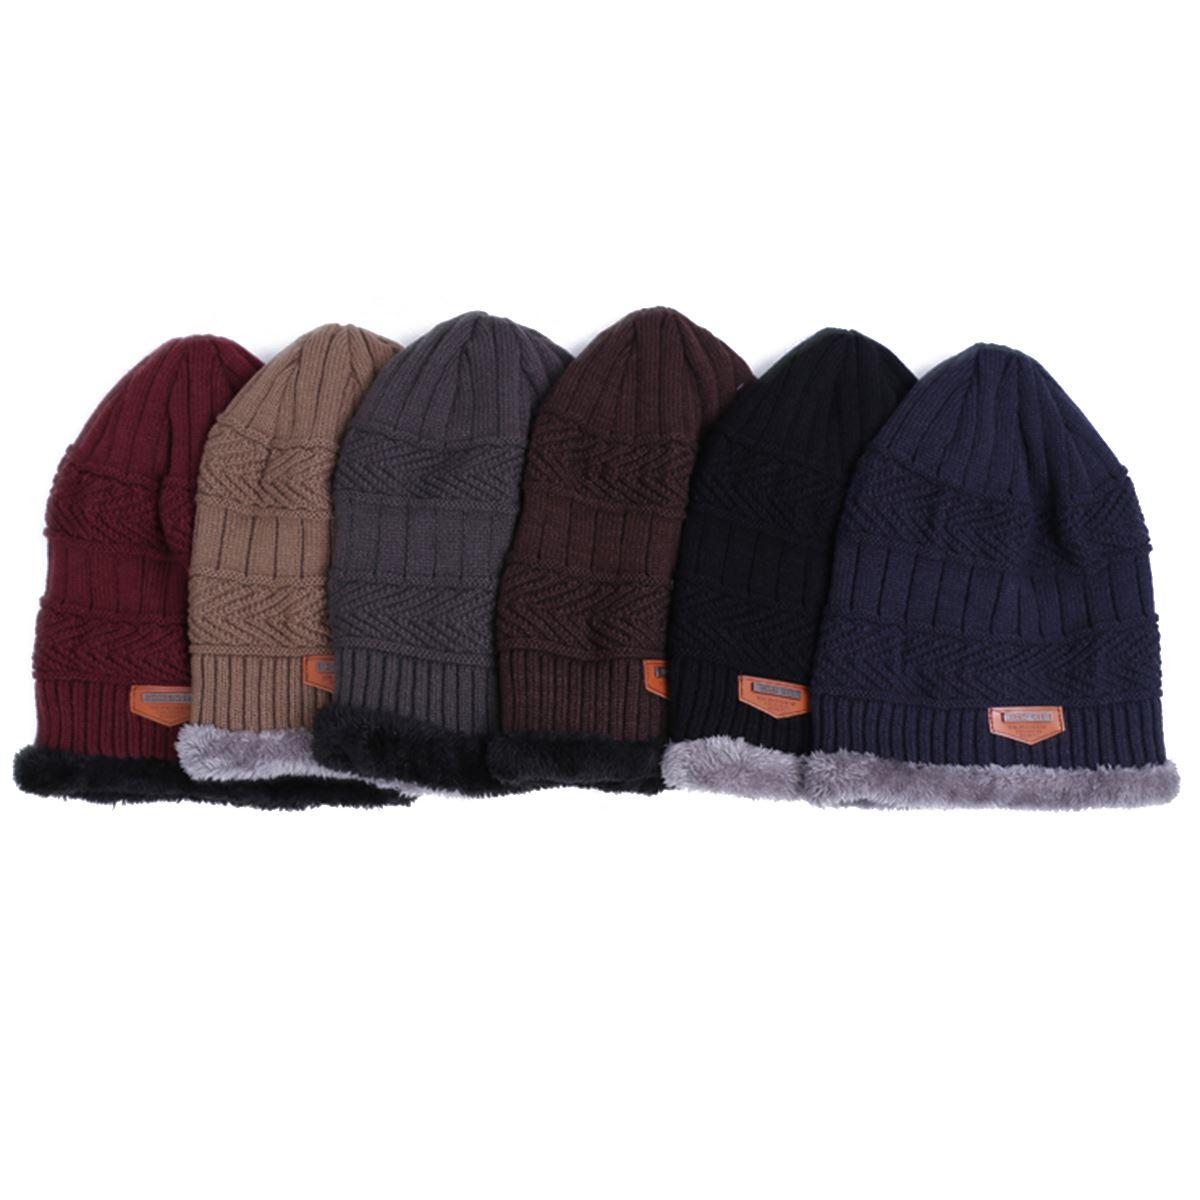 Evrfelan, комплект из двух предметов, зимняя шапка и шарф для мужчин, зимние шапочки, шарфы, мужские зимние комплекты, толстый хлопок, теплые зимние аксессуары